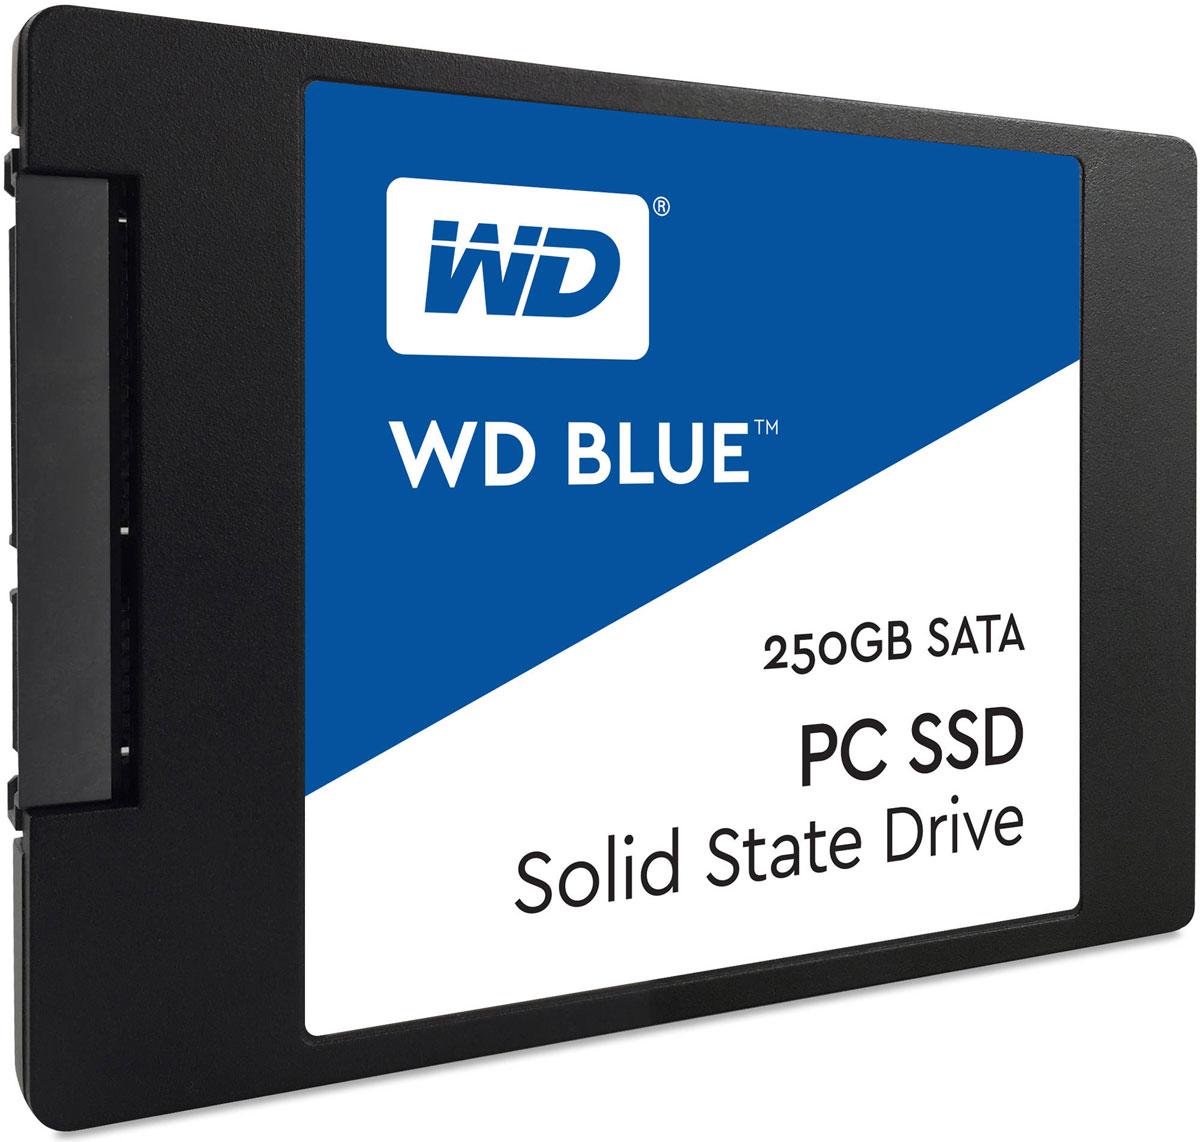 WD Blue 250GB SSD-накопитель (WDS250G1B0A)WDS250G1B0AТвердотельный накопитель WD Blue отличается высоким быстродействием и обеспечивает эффективное хранение данных наряду с высокой скоростью передачи и ведущей в отрасли надежностью.Оптимизированные для параллельного выполнения нескольких задач твердотельные накопители WD Blue позволяют с легкостью запускать несколько ресурсоемких приложений одновременно.Твердотельные накопители WD Blue доступны в формфакторах 2,5 дюйма (7 мм) и M.2 2280 для самых тонких и компактных компьютеров, что позволяет комплектовать ими большинство ноутбуков и настольных ПК. Доступная для скачивания панель мониторинга твердотельных накопителей WD содержит набор инструментов, с помощью которых можно в любой момент проверить работоспособность твердотельного накопителя.Благодаря сертификации WD F.I.T. Lab на совместимость с широким спектром ноутбуков и настольных ПК вы можете быть полностью уверены, что накопитель WD Blue подходит вам идеально.На каждый твердотельный накопитель WD Blue предоставляется 3-летняя ограниченная гарантия, которая застрахует ваш накопитель WD при хранении любых данных.